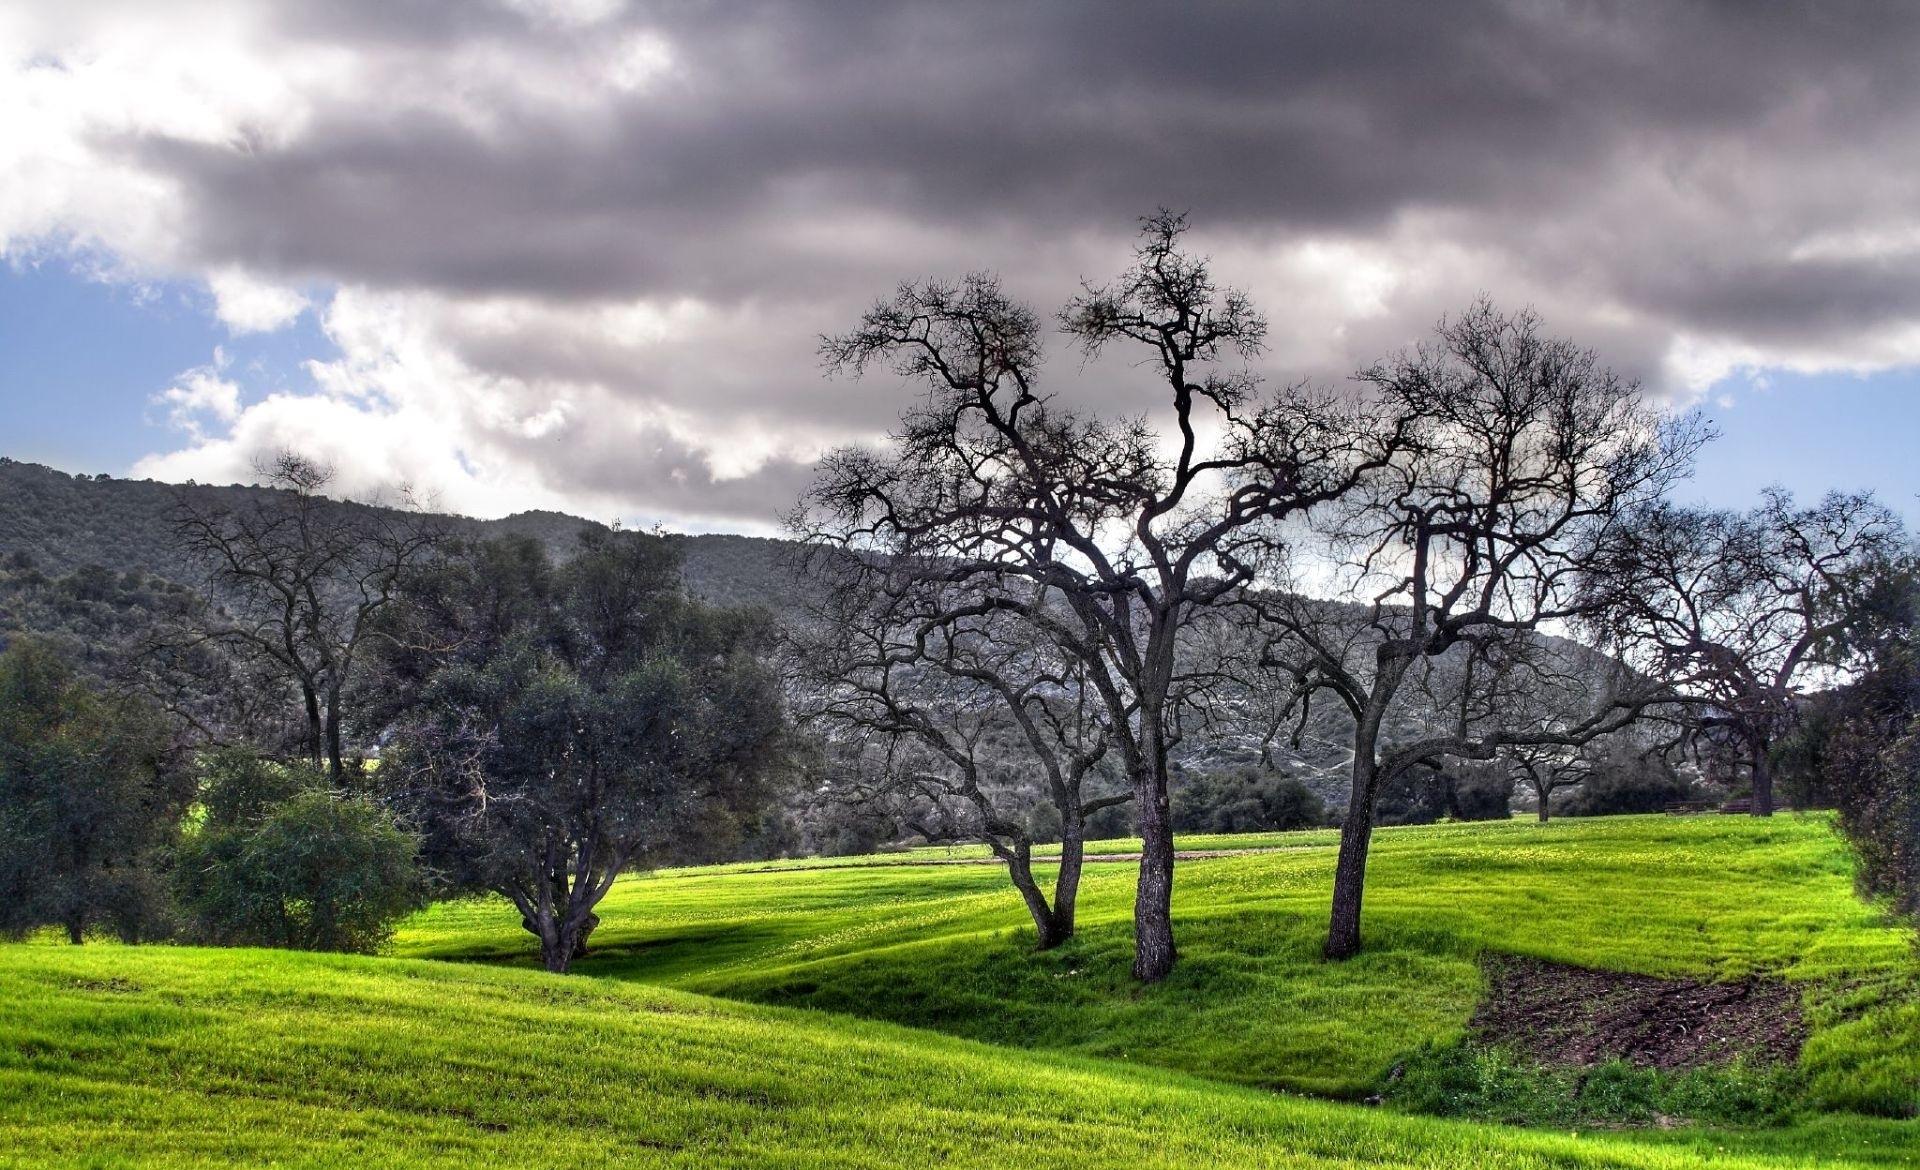 130612 baixar papel de parede Natureza, Árvores, Jardim, Céu, Nuvem, Preto E Branco, Local, Manchar - protetores de tela e imagens gratuitamente